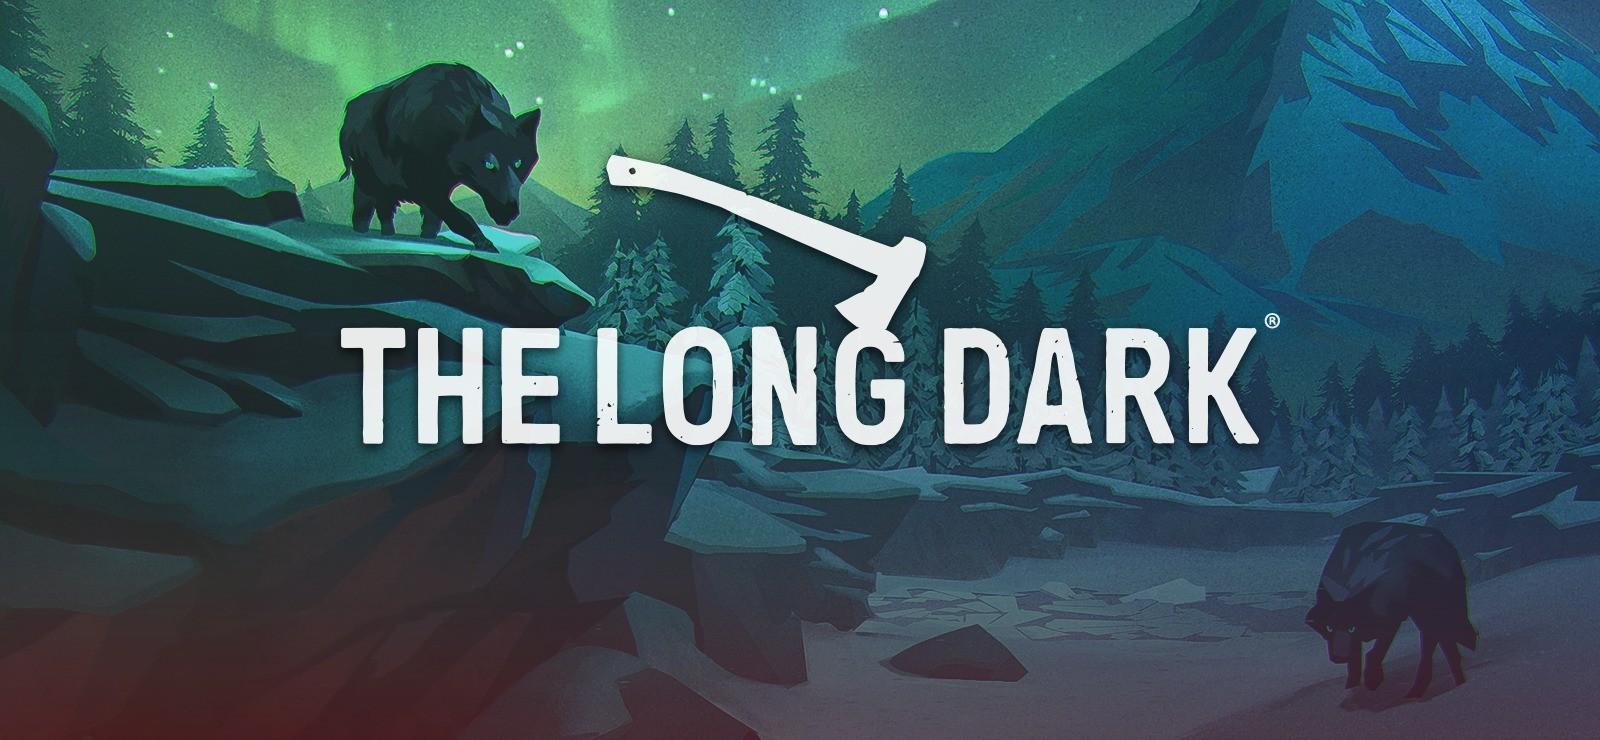 The Long Dark ile ilgili görsel sonucu